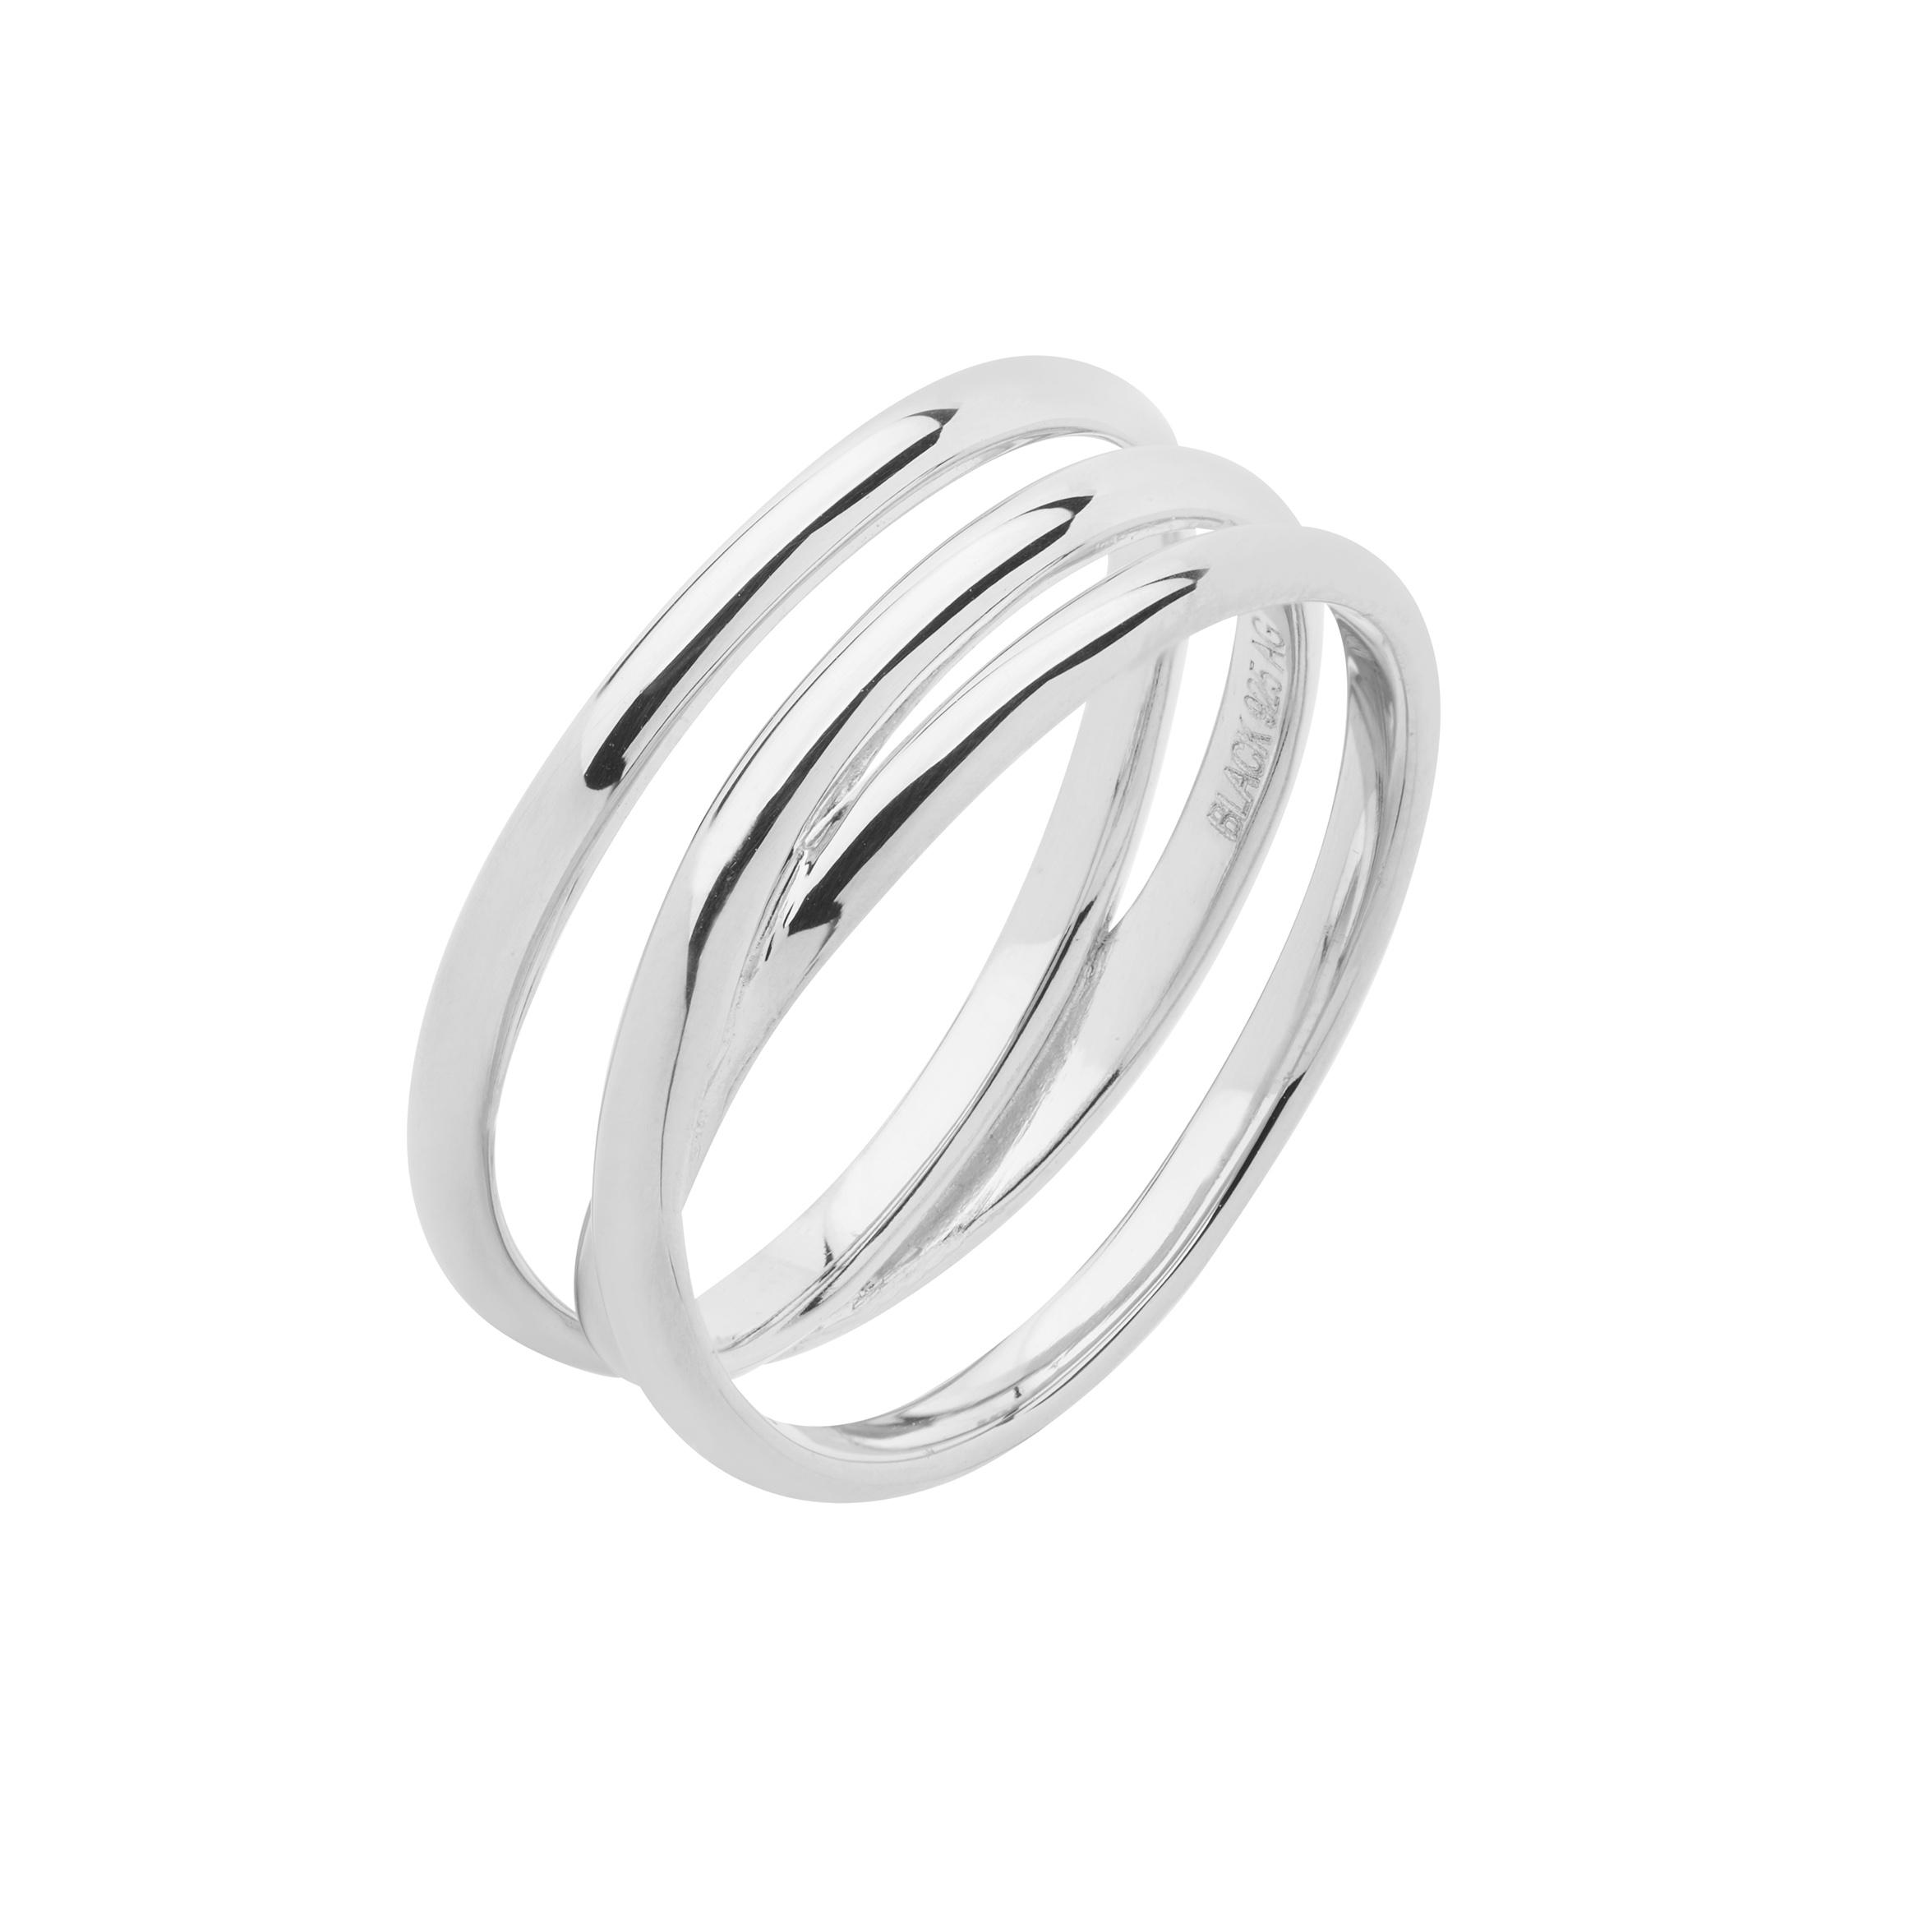 Maria black emilie wrap sølv ring - 500350 størrelse 52 fra maria black på brodersen + kobborg